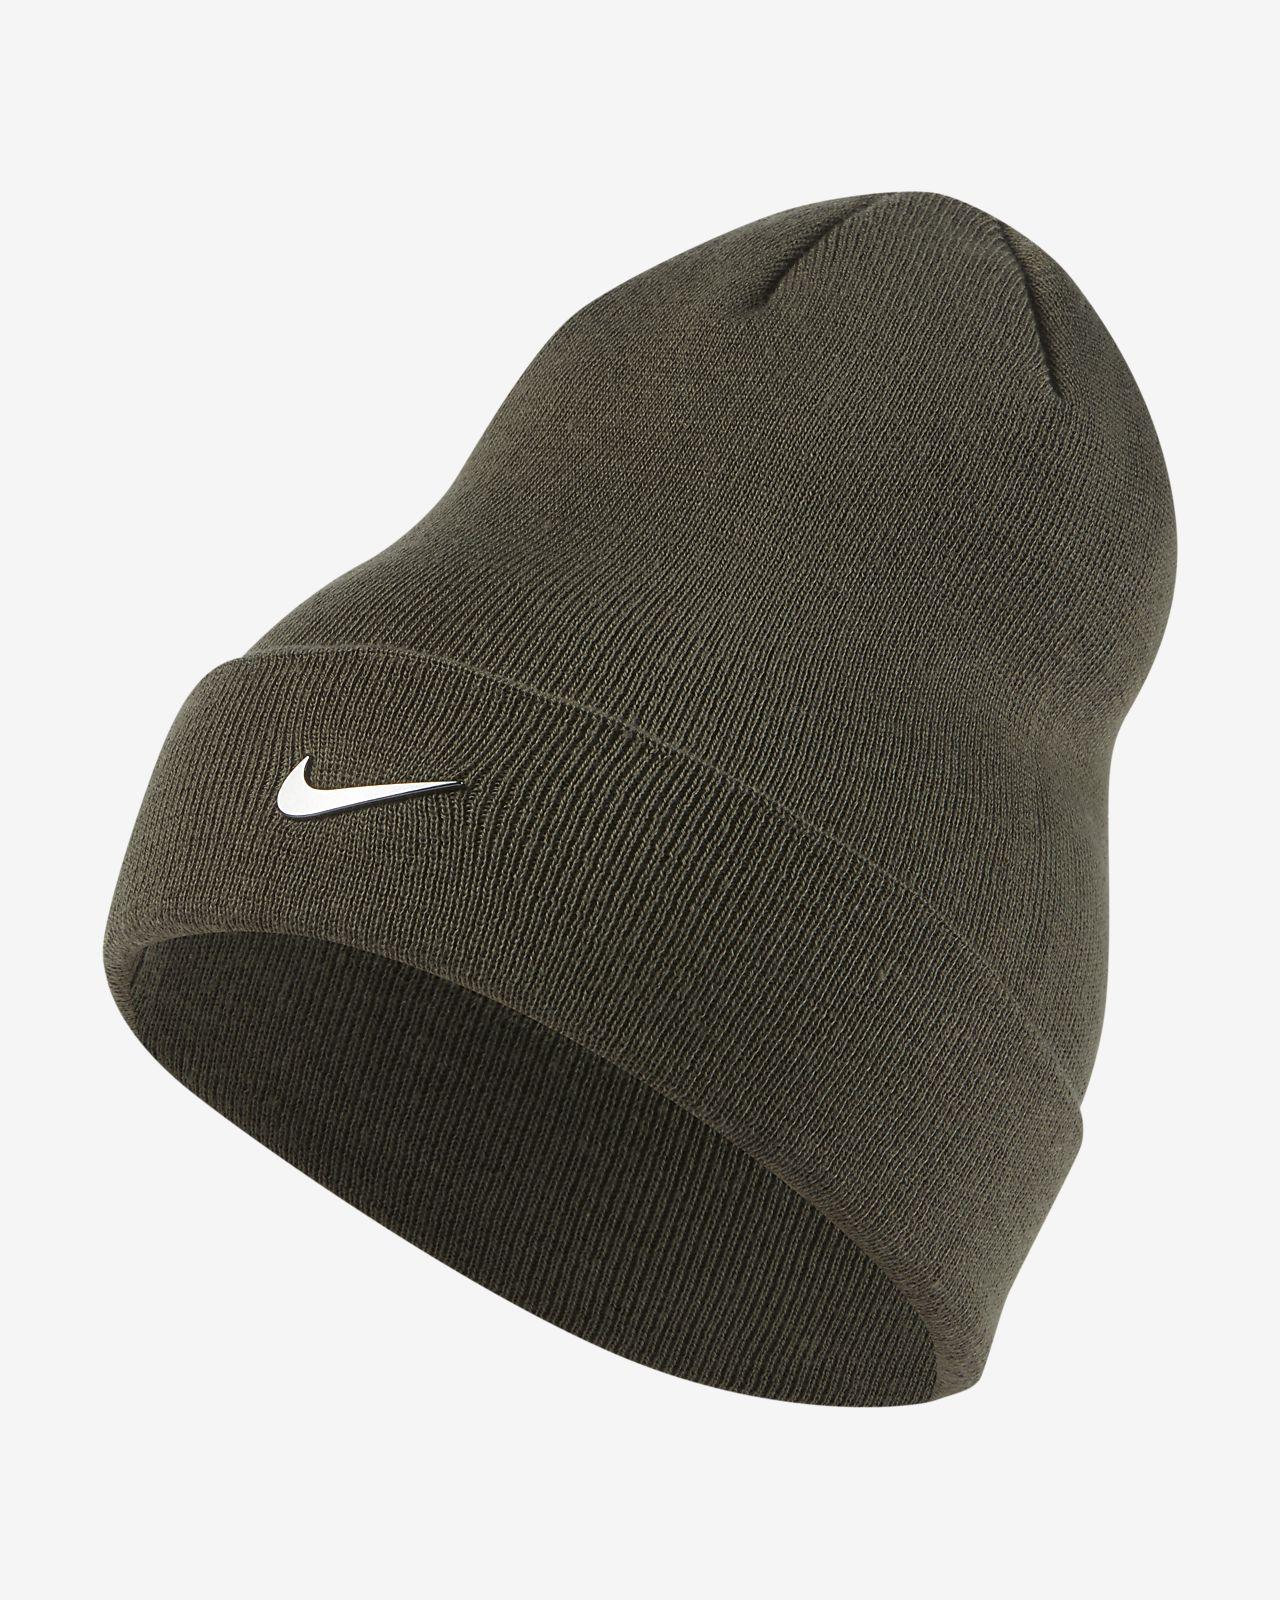 Nike beanie sapka gyerekeknek